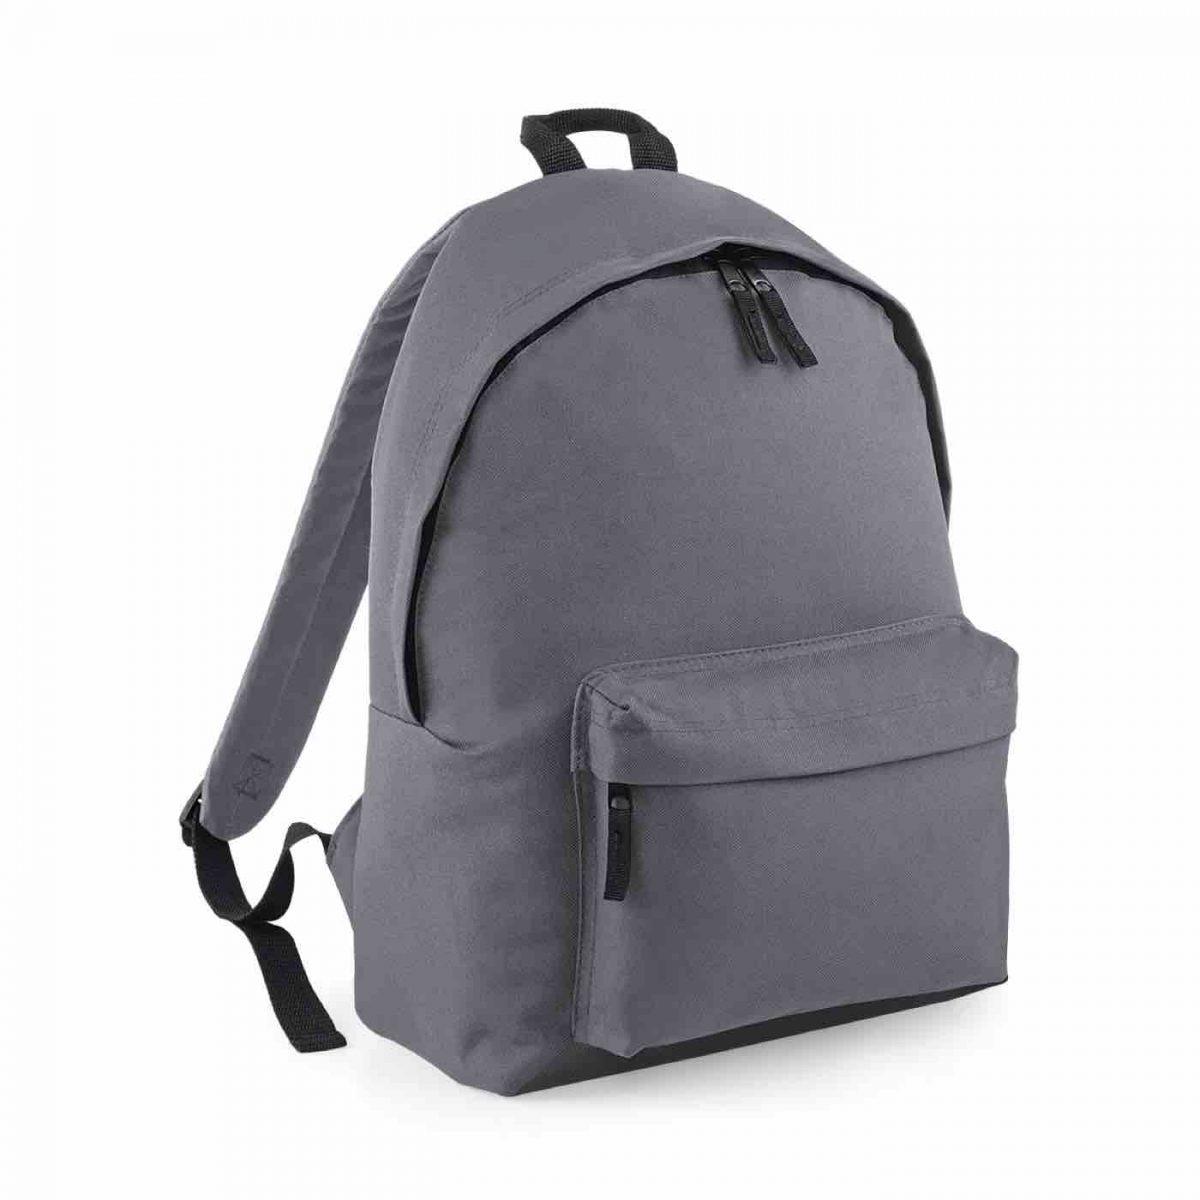 Graphite Back Pack